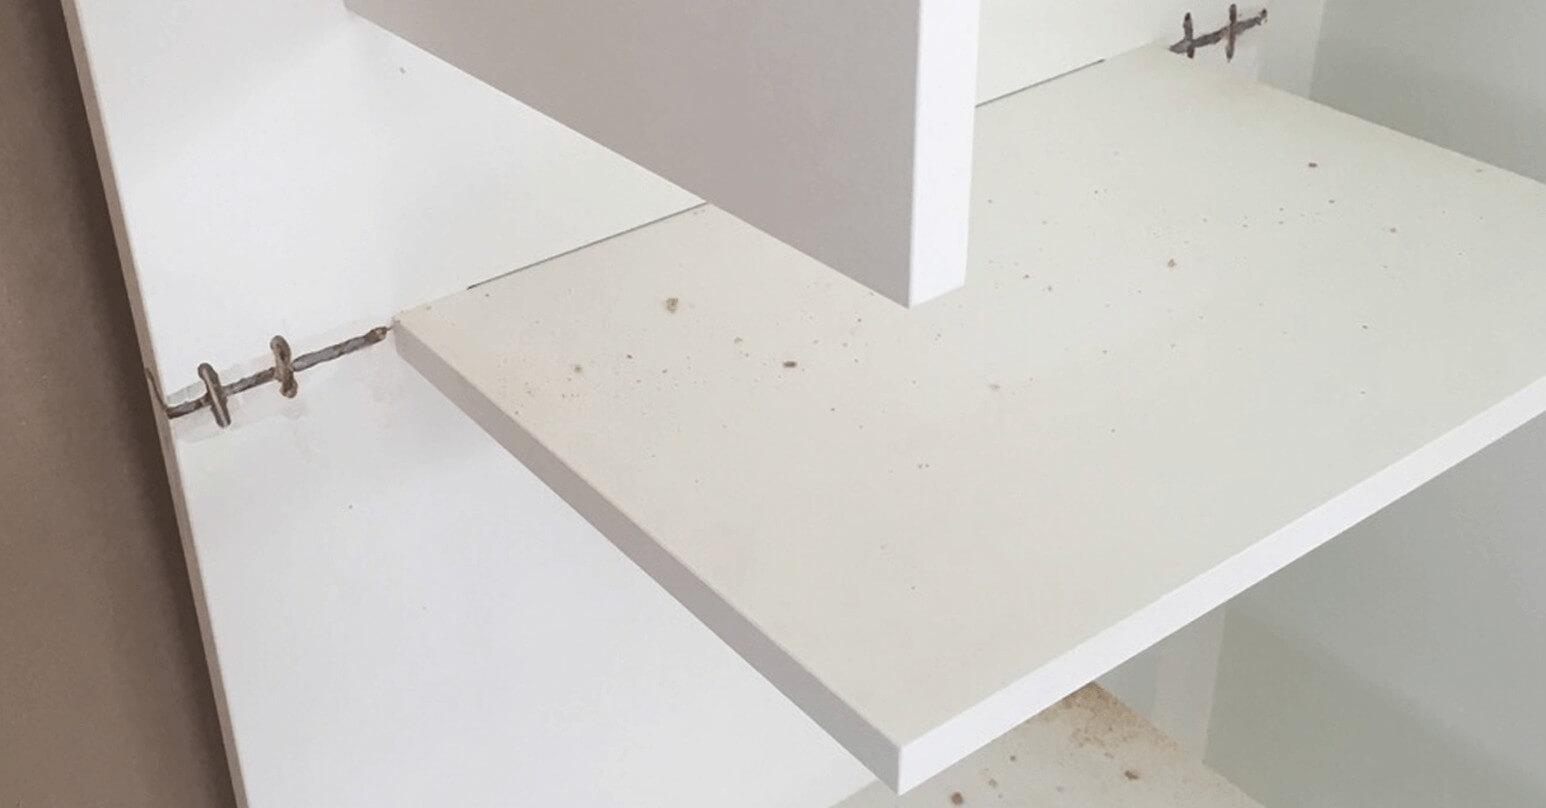 Damaged cabinet - Before repair